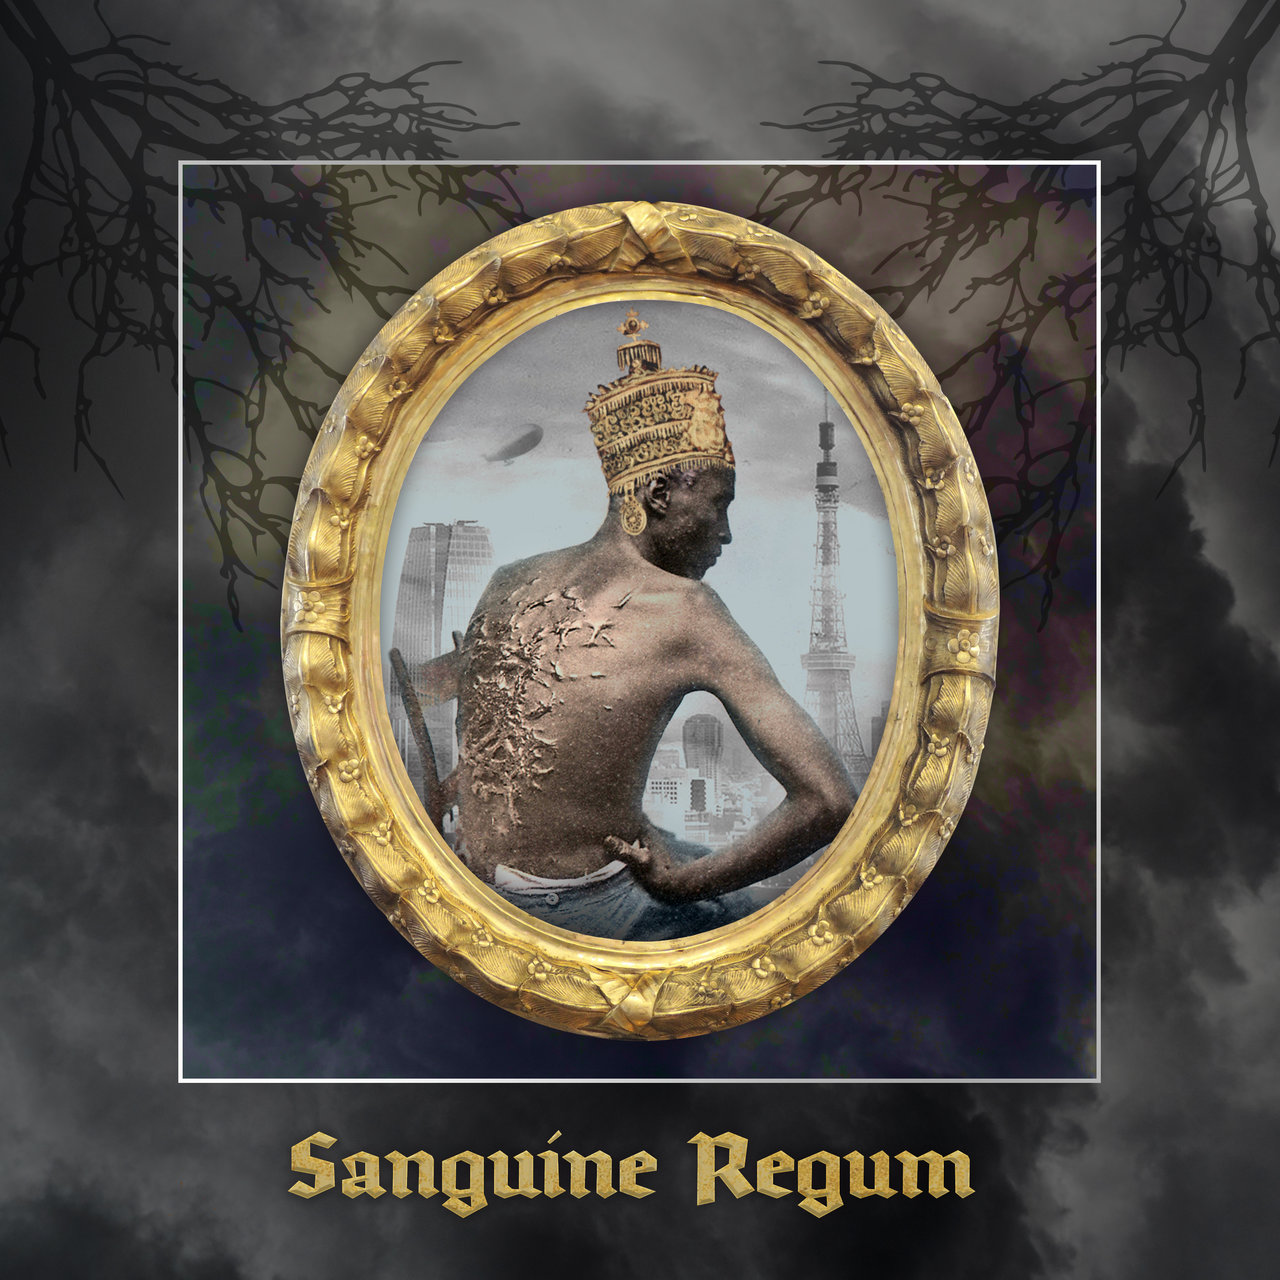 Anu Sun - Sanguine Regum (2019)